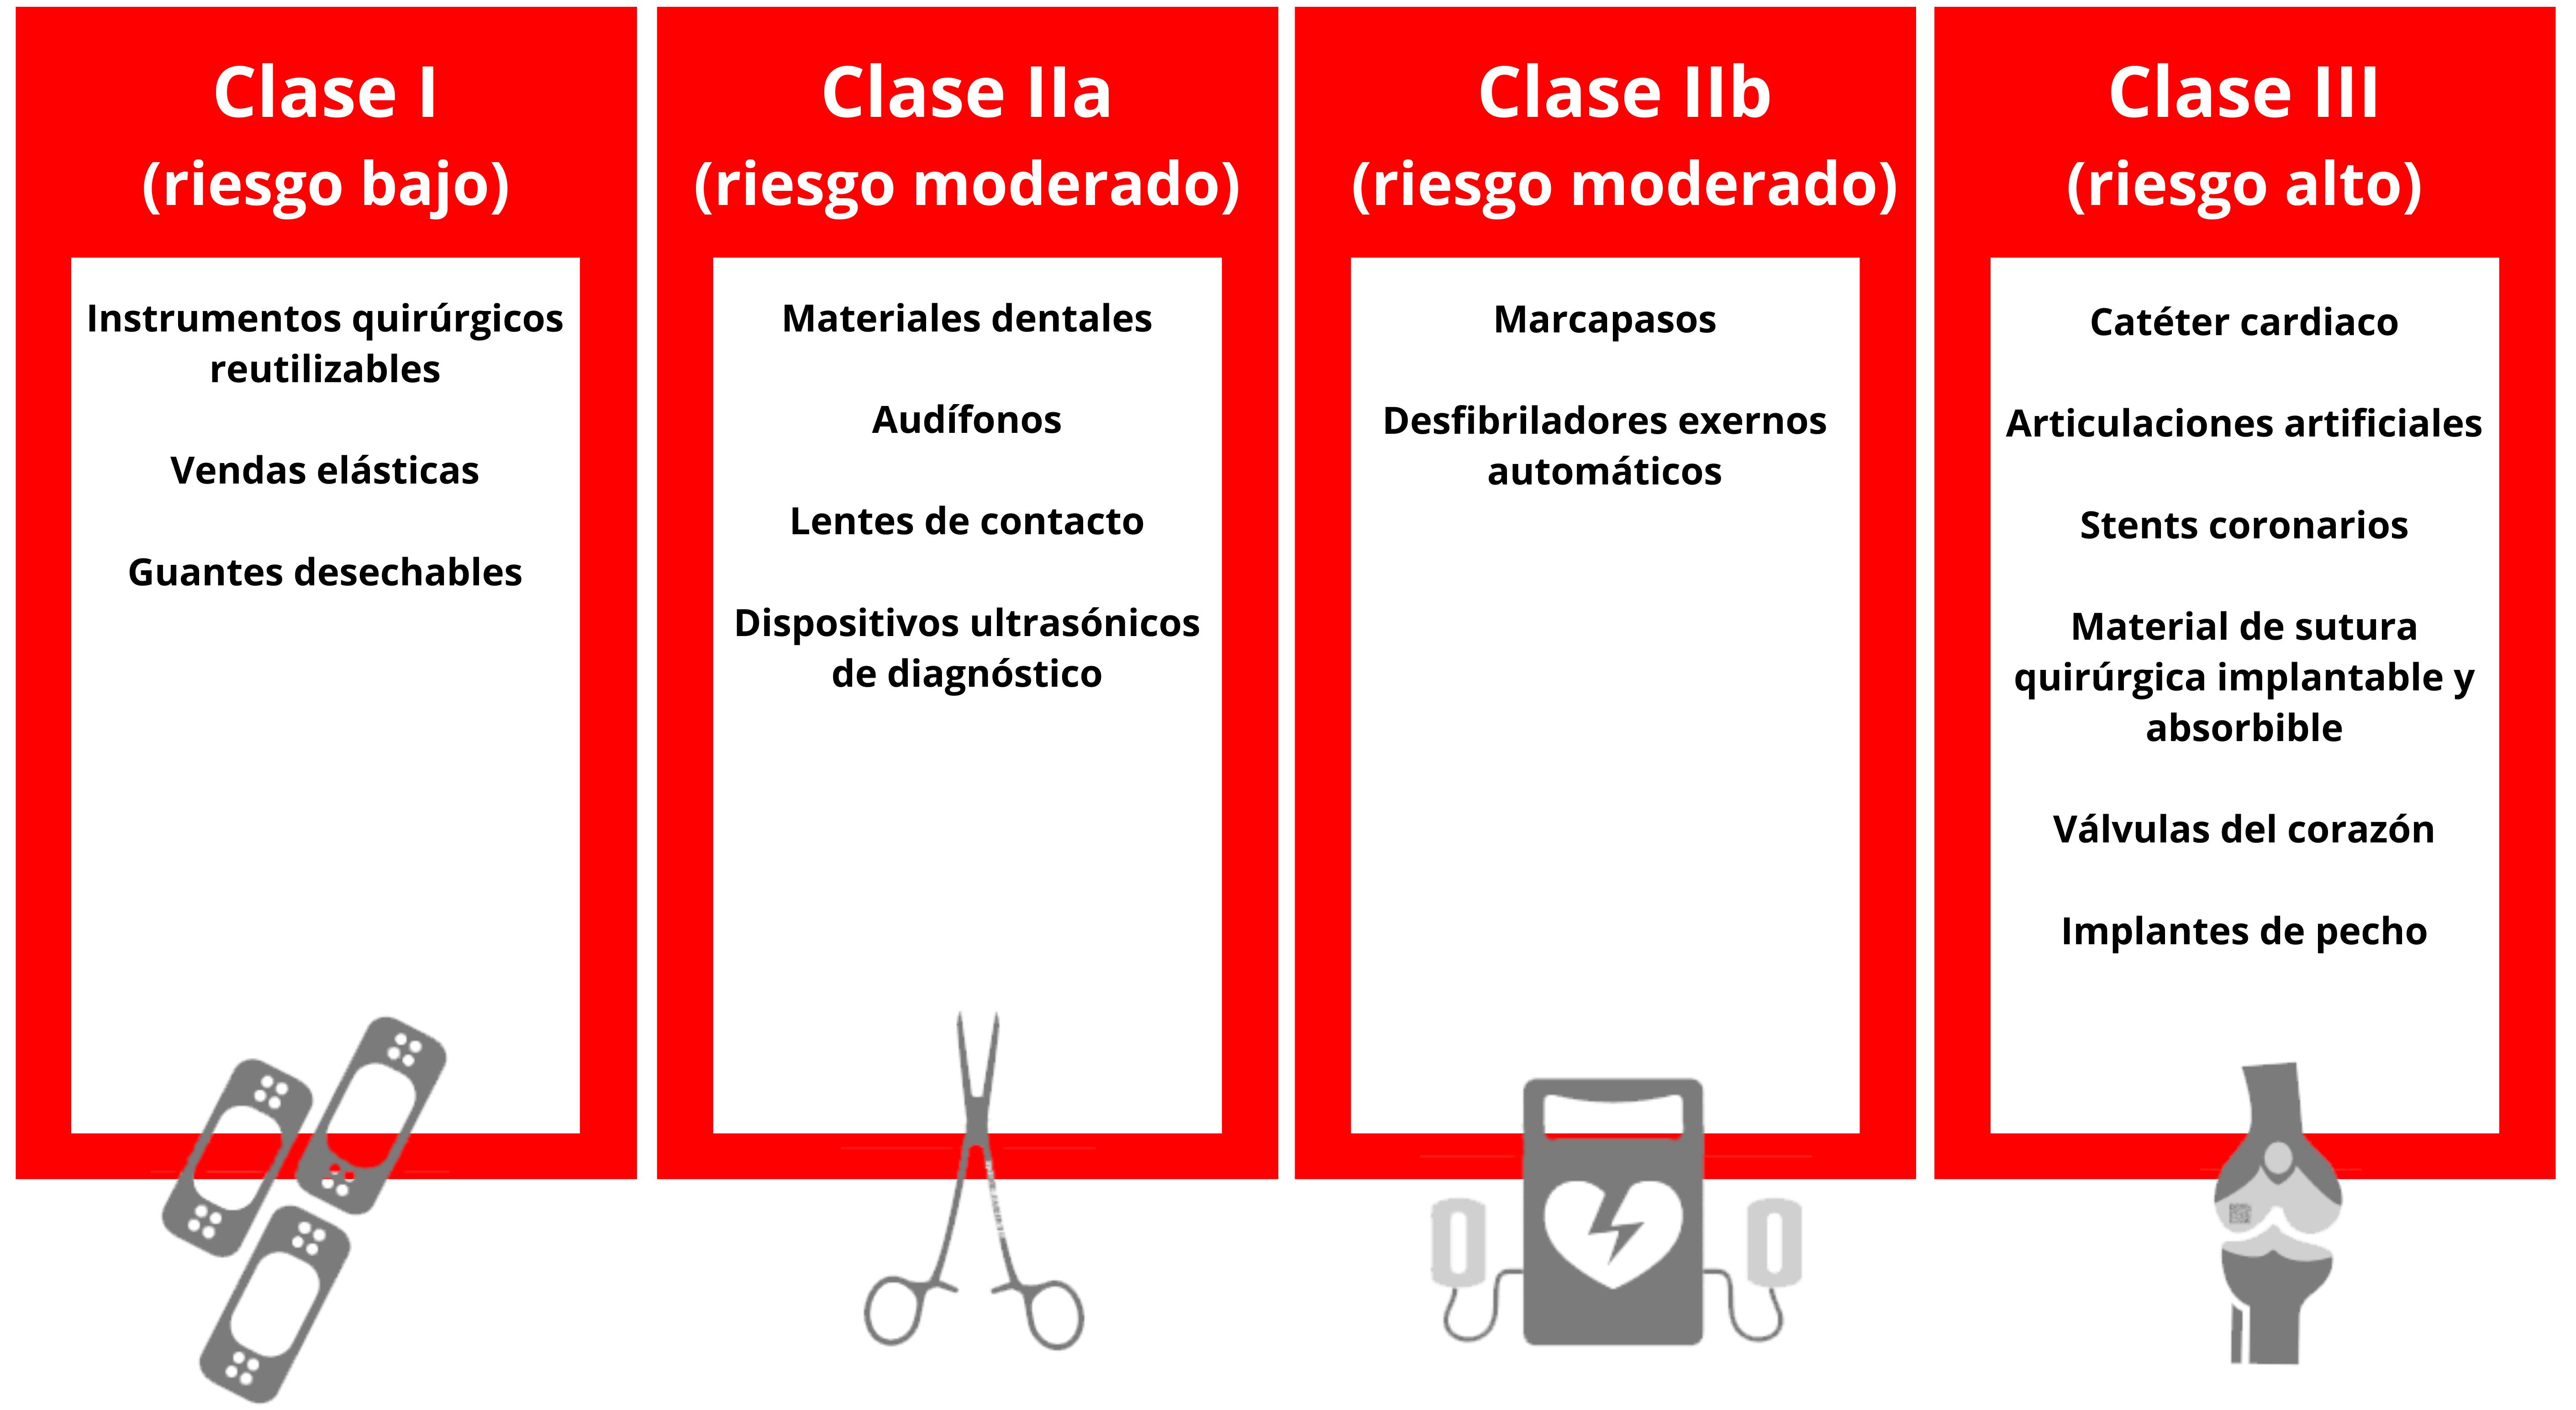 clases de dispositivos medicos MDR UDI